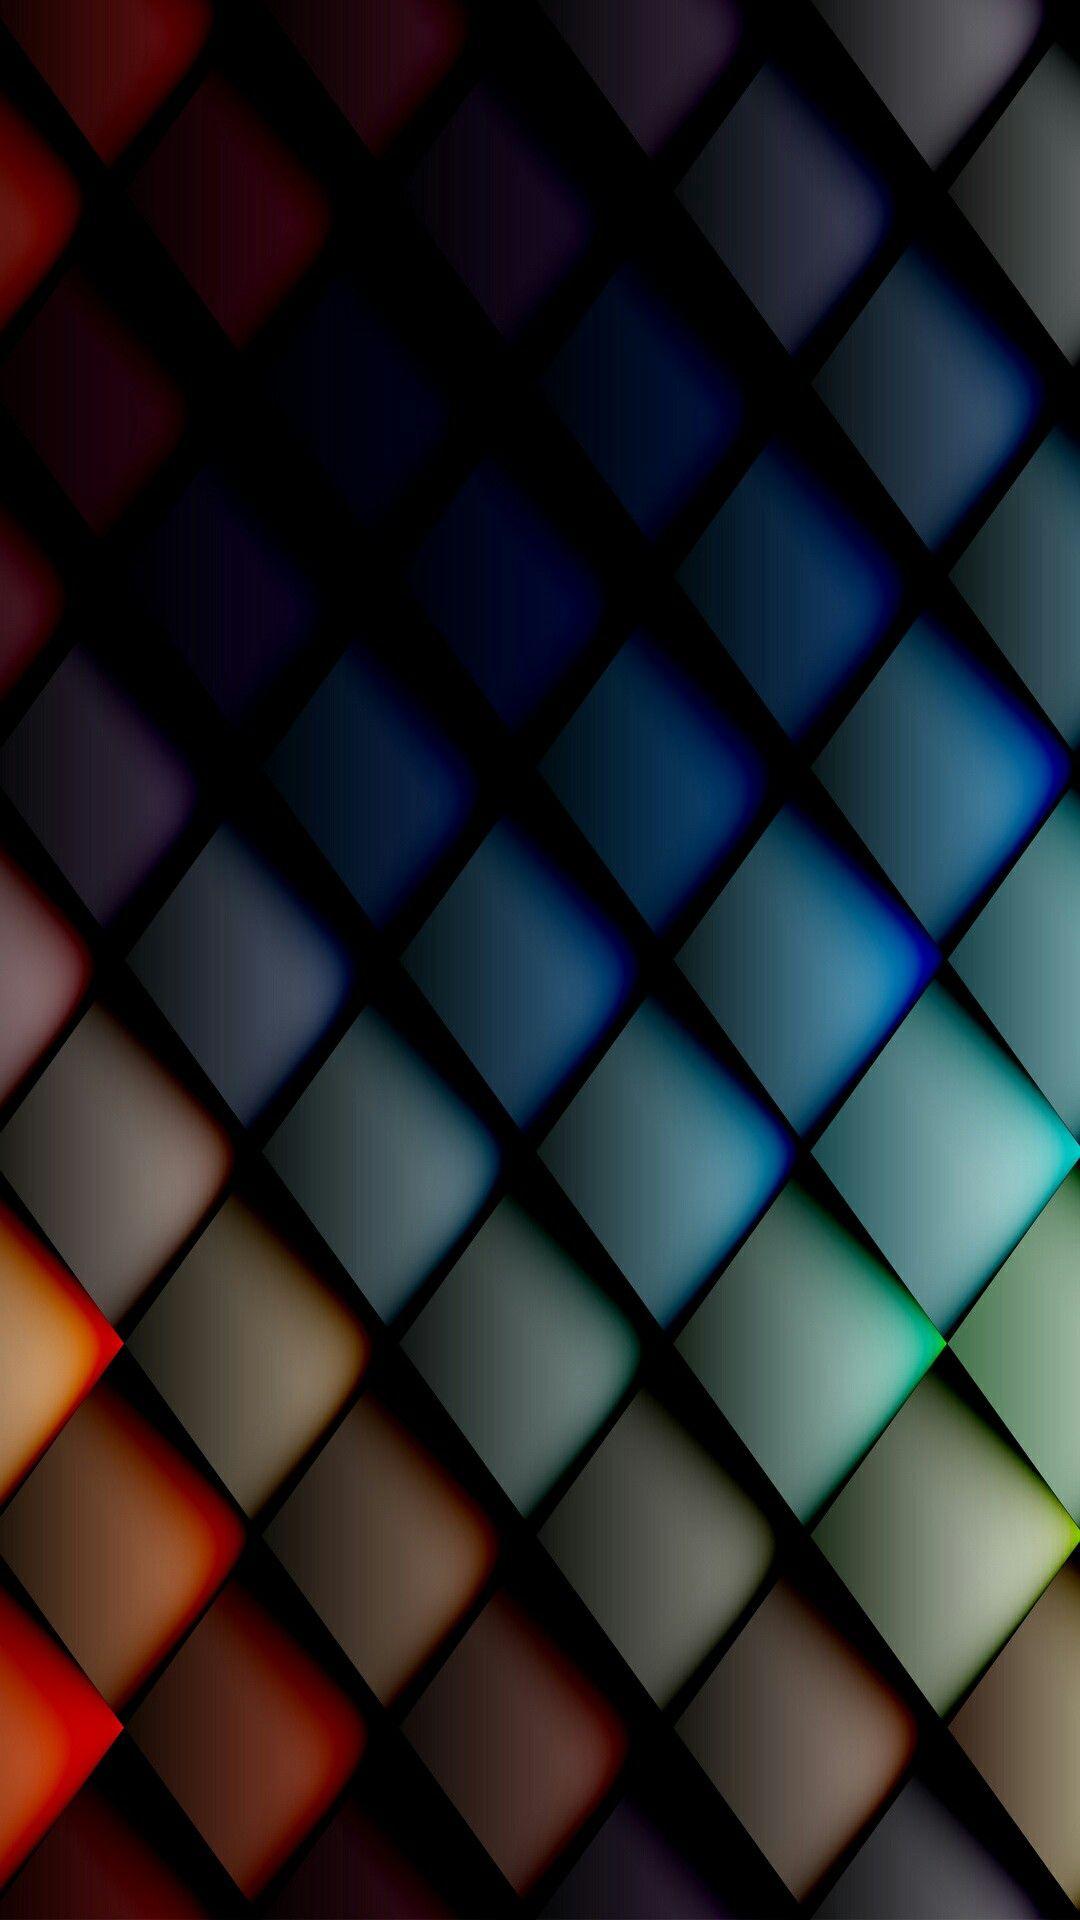 أفضل خلفيات ثلاثية الابعاد 3d للاندرويد و الايفون 2020 Iphone Wallpaper Iphone X Iphone Wallpaper Winter Live Wallpaper Iphone